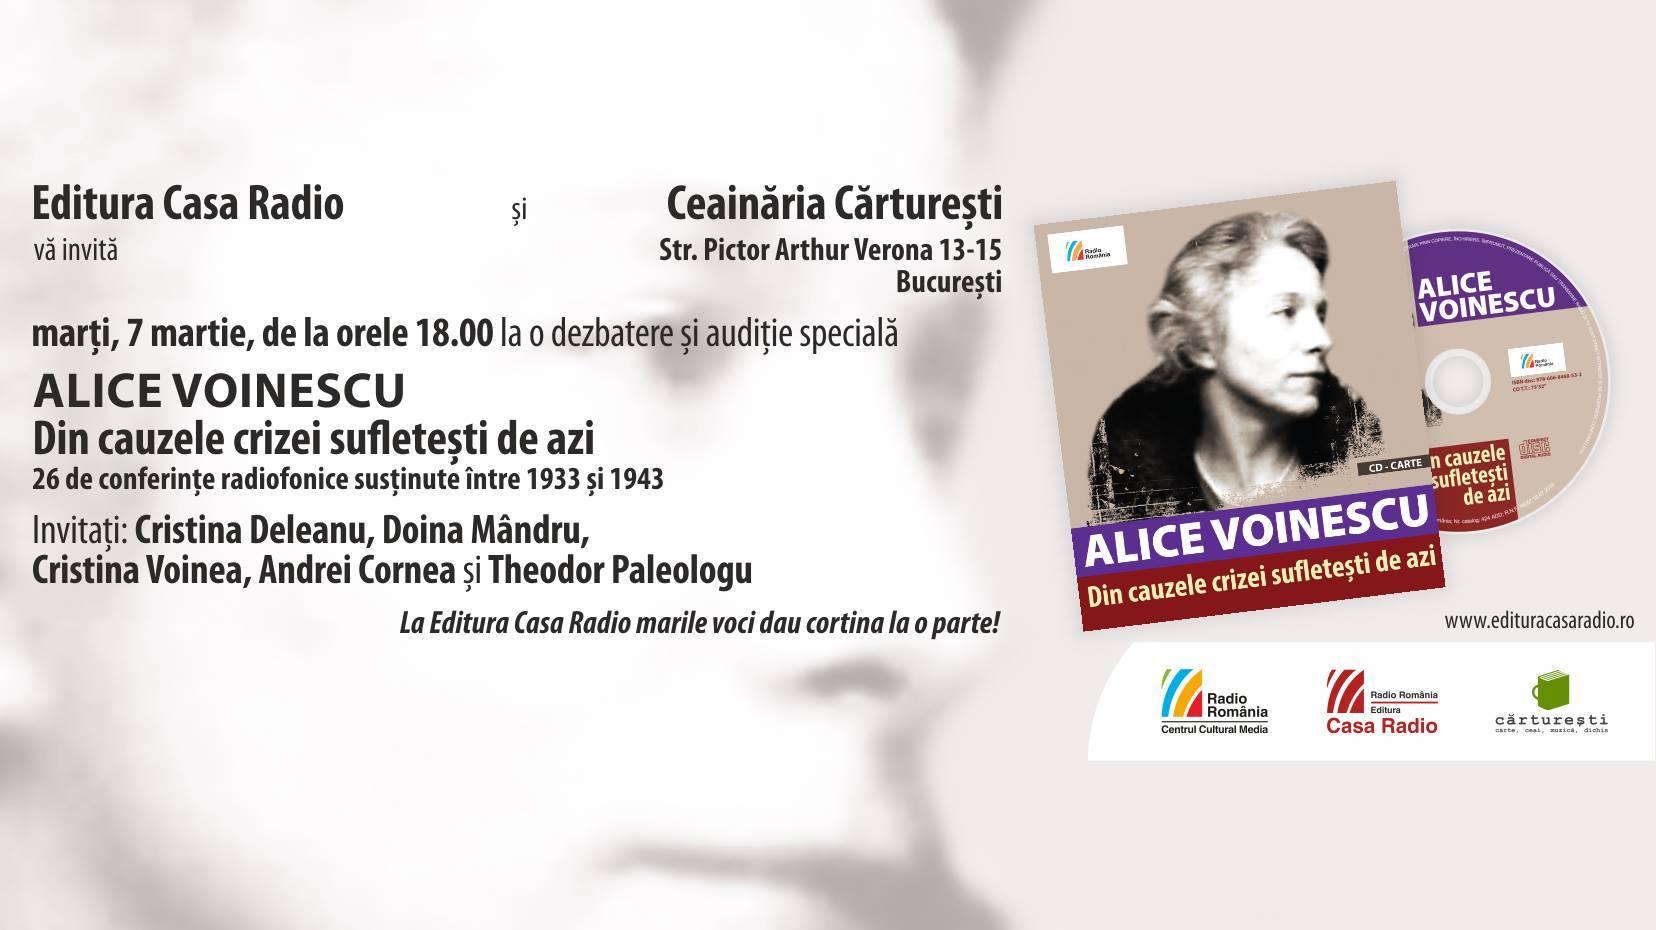 Eveniment Alice Voinescu